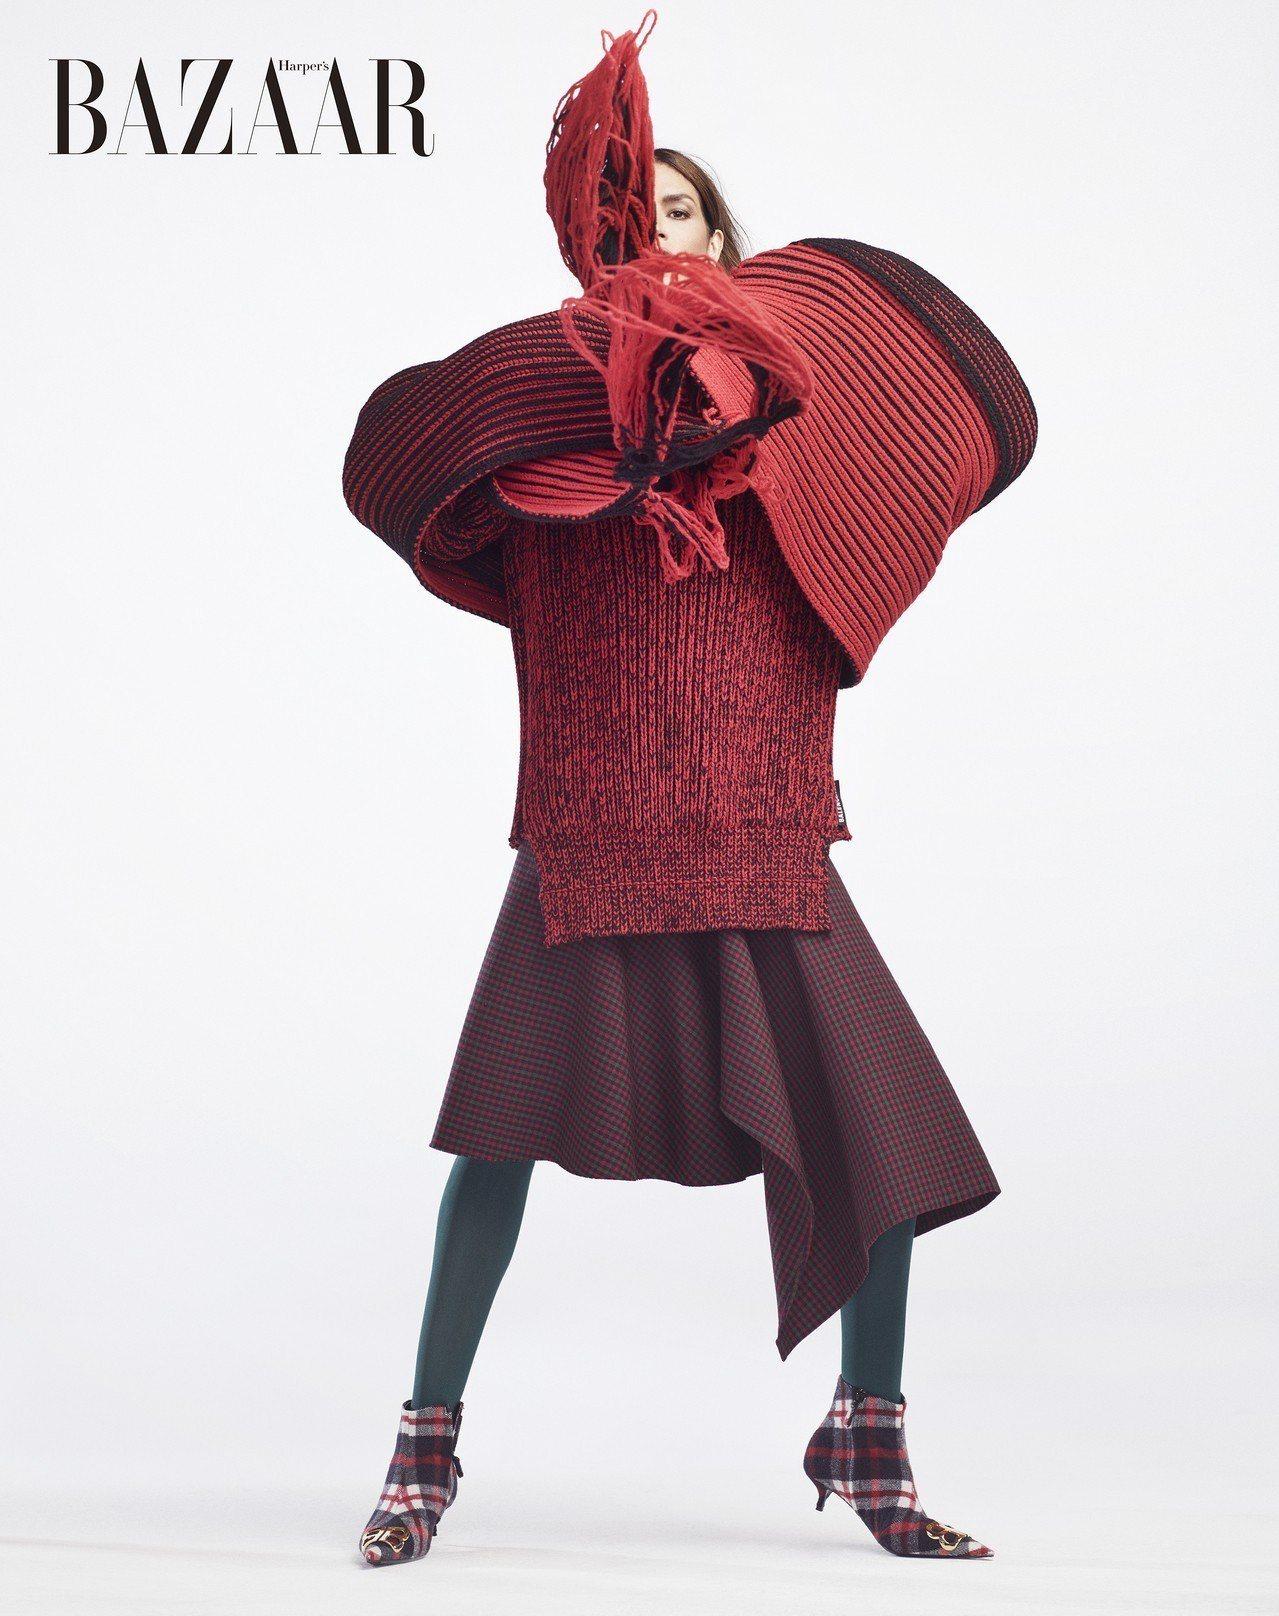 針織上衣、針織圍巾、裙、褲襪、鞋,Balenciaga